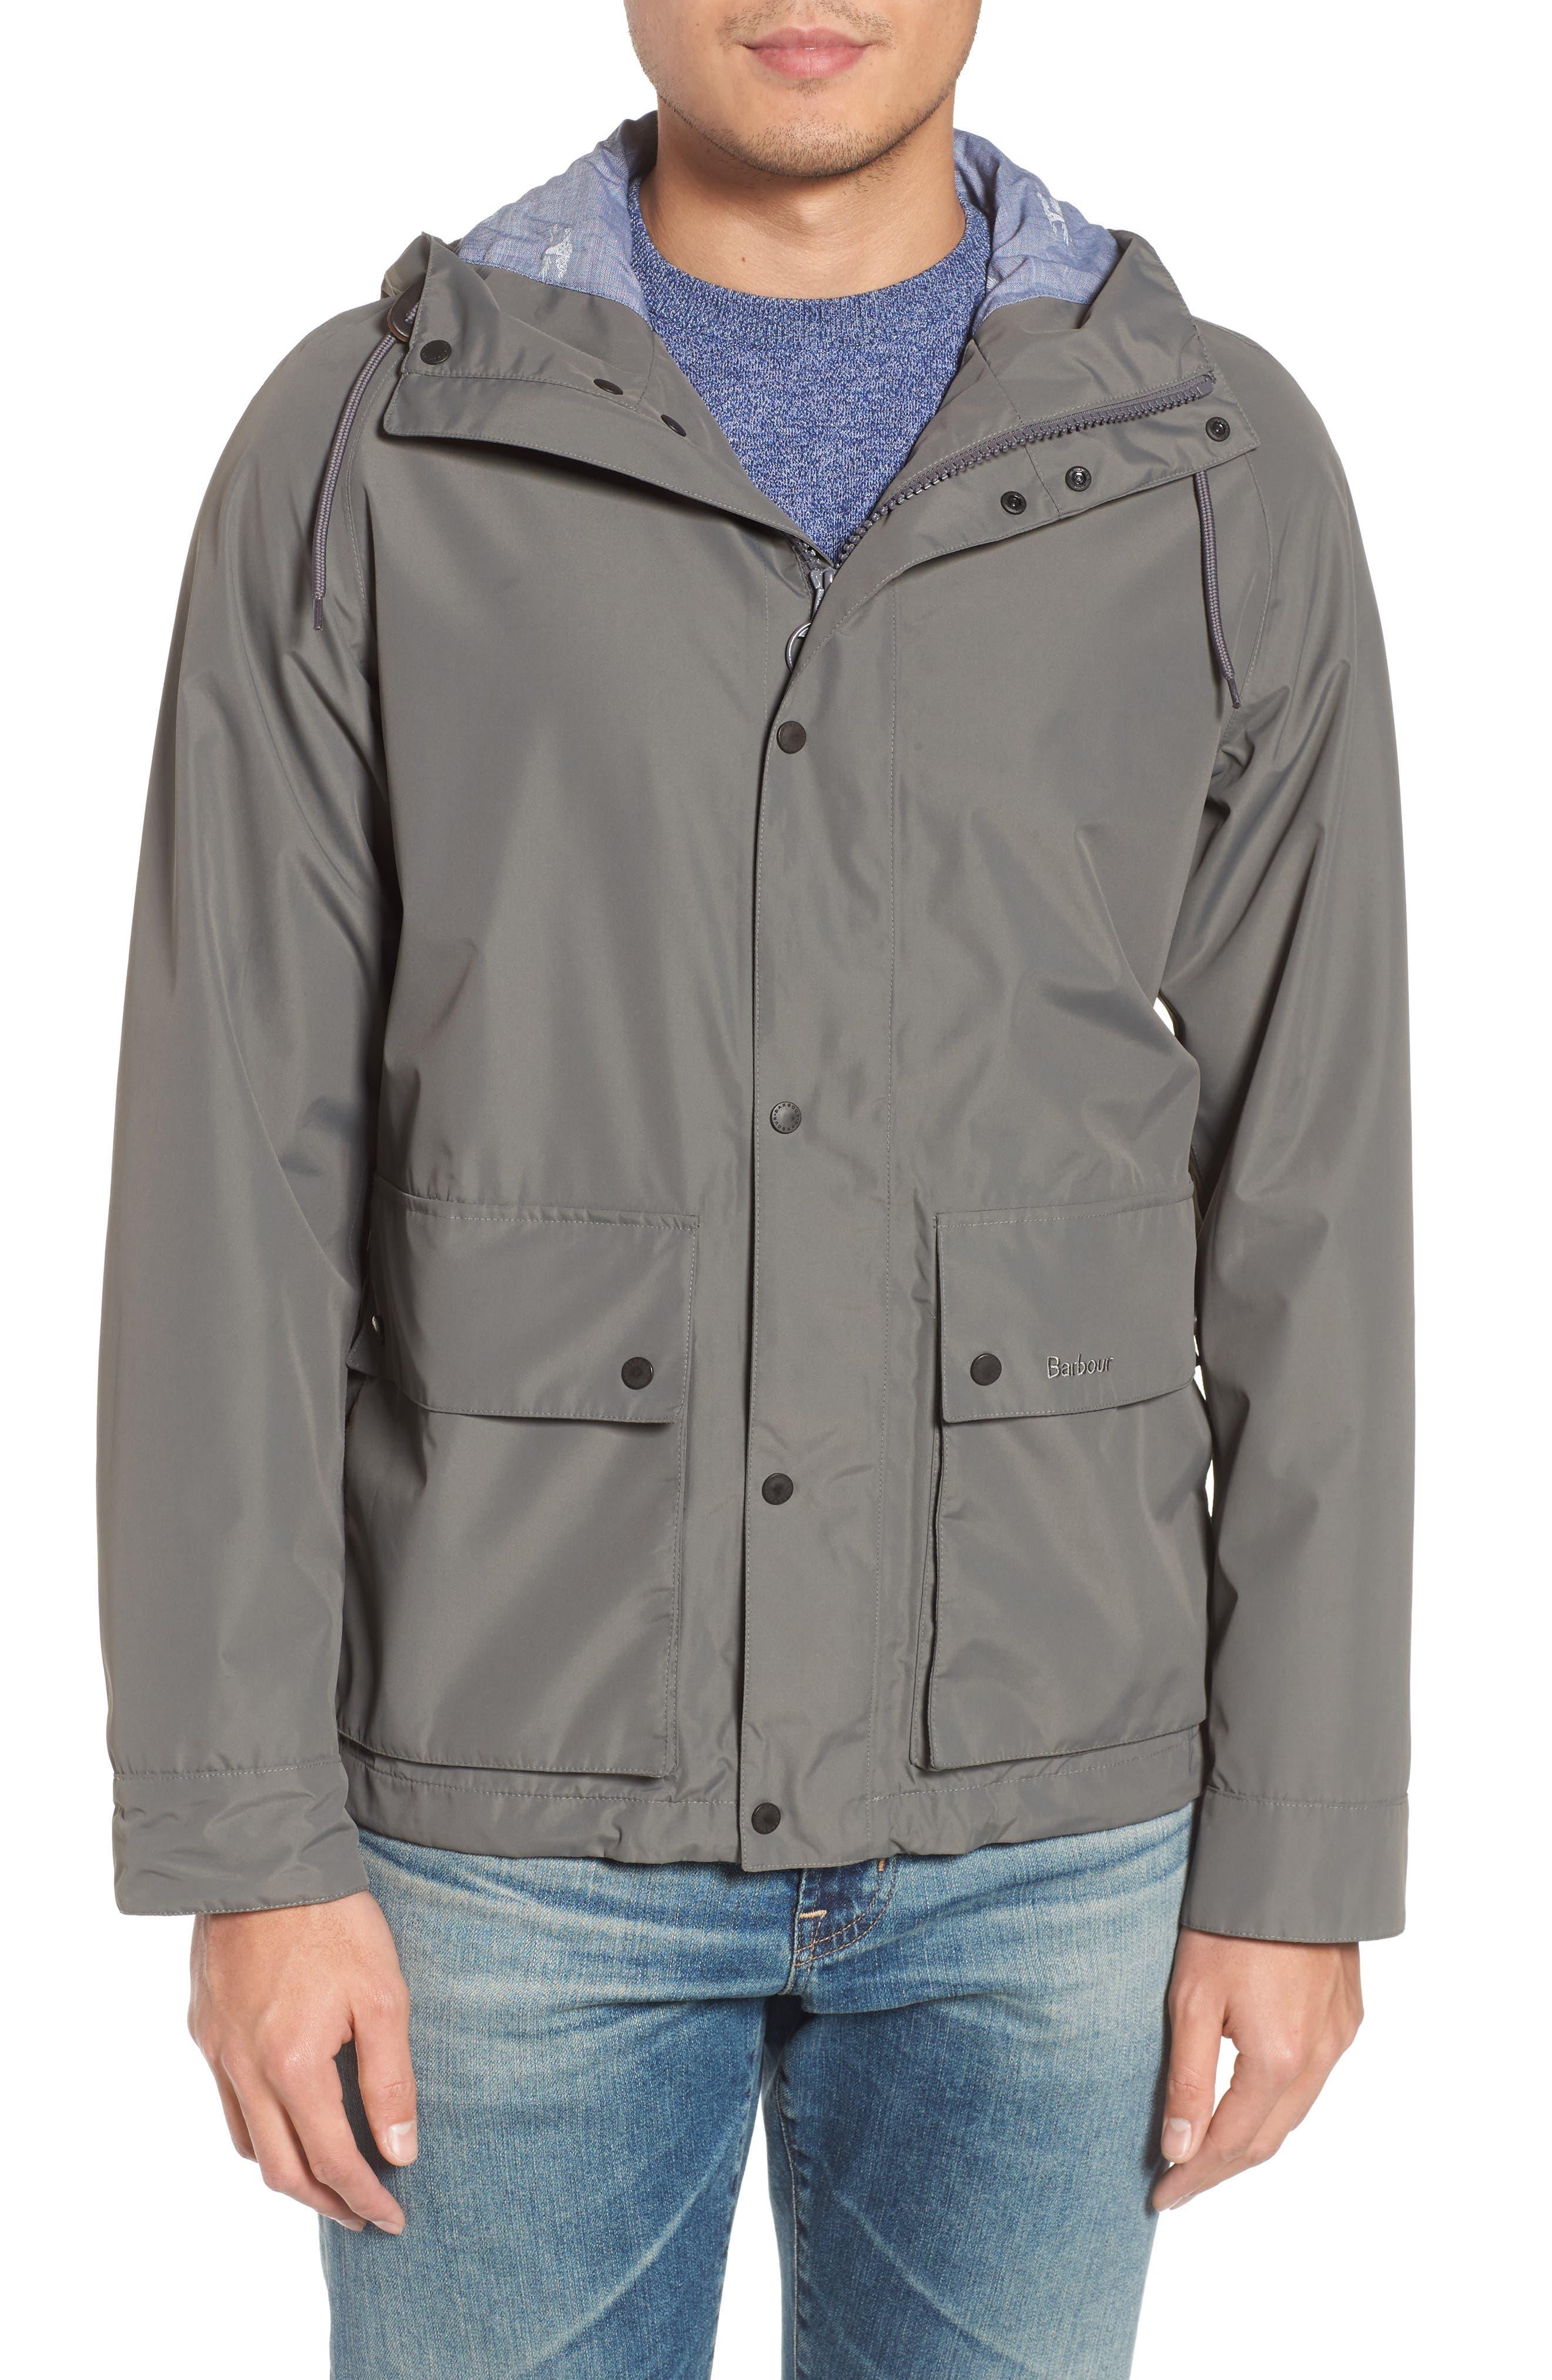 Twine Jacket,                             Main thumbnail 1, color,                             Grey